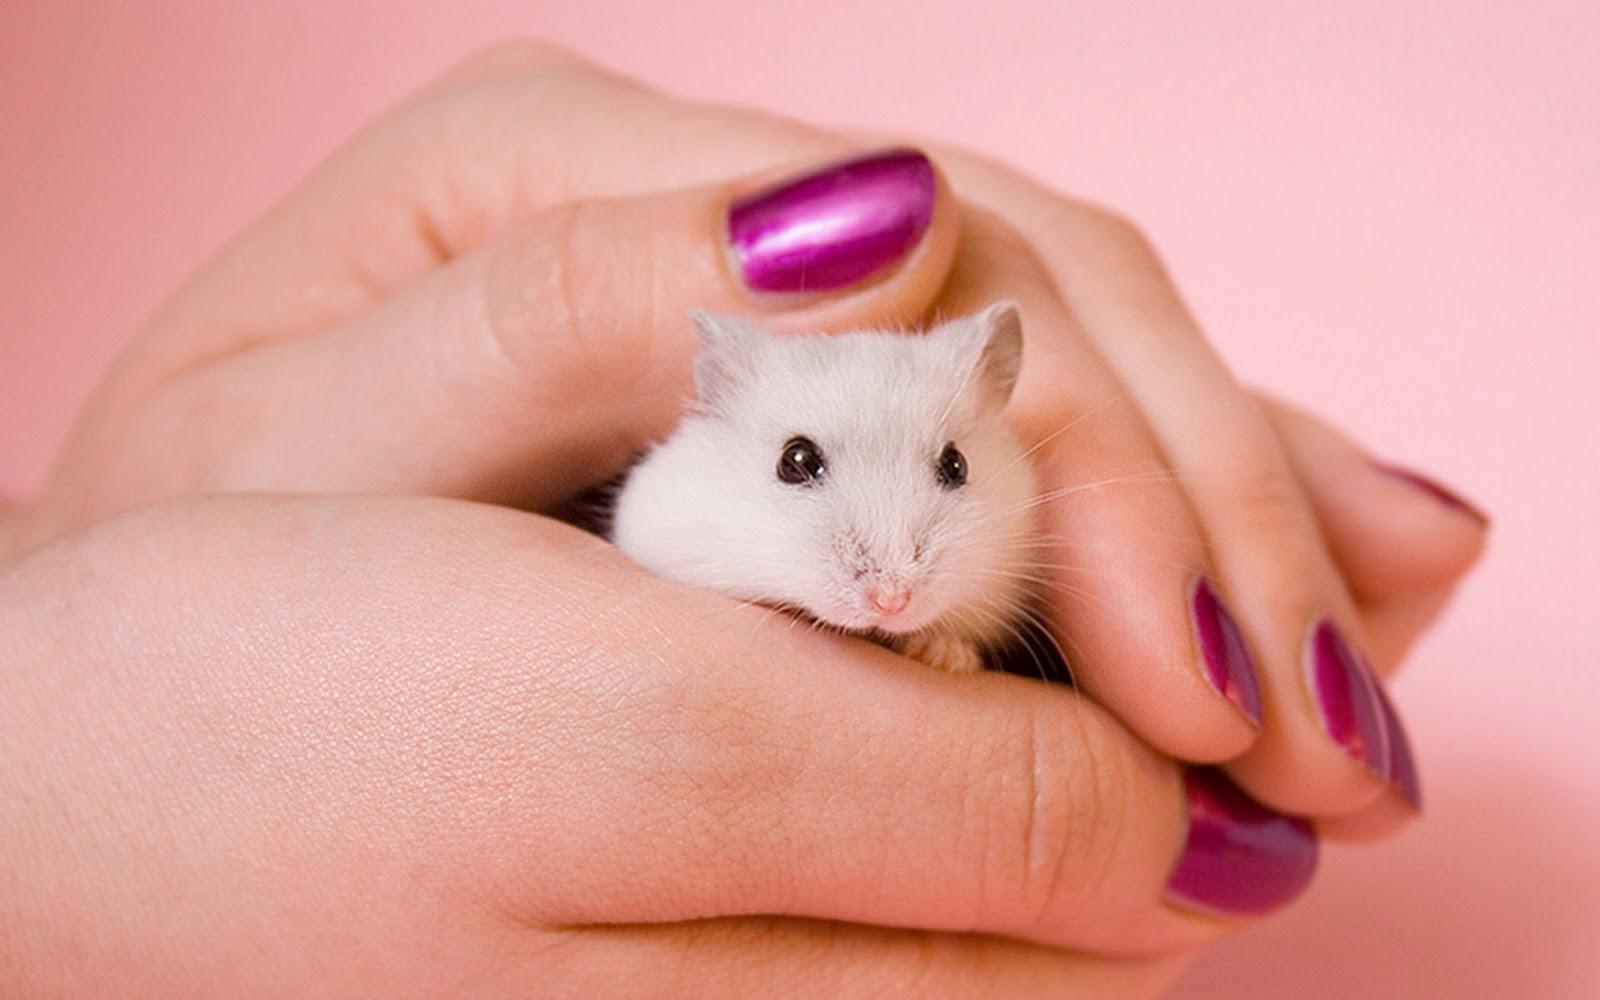 Hamsters achtergronden dieren hd hamster wallpapers foto 3jpg 1600x1000